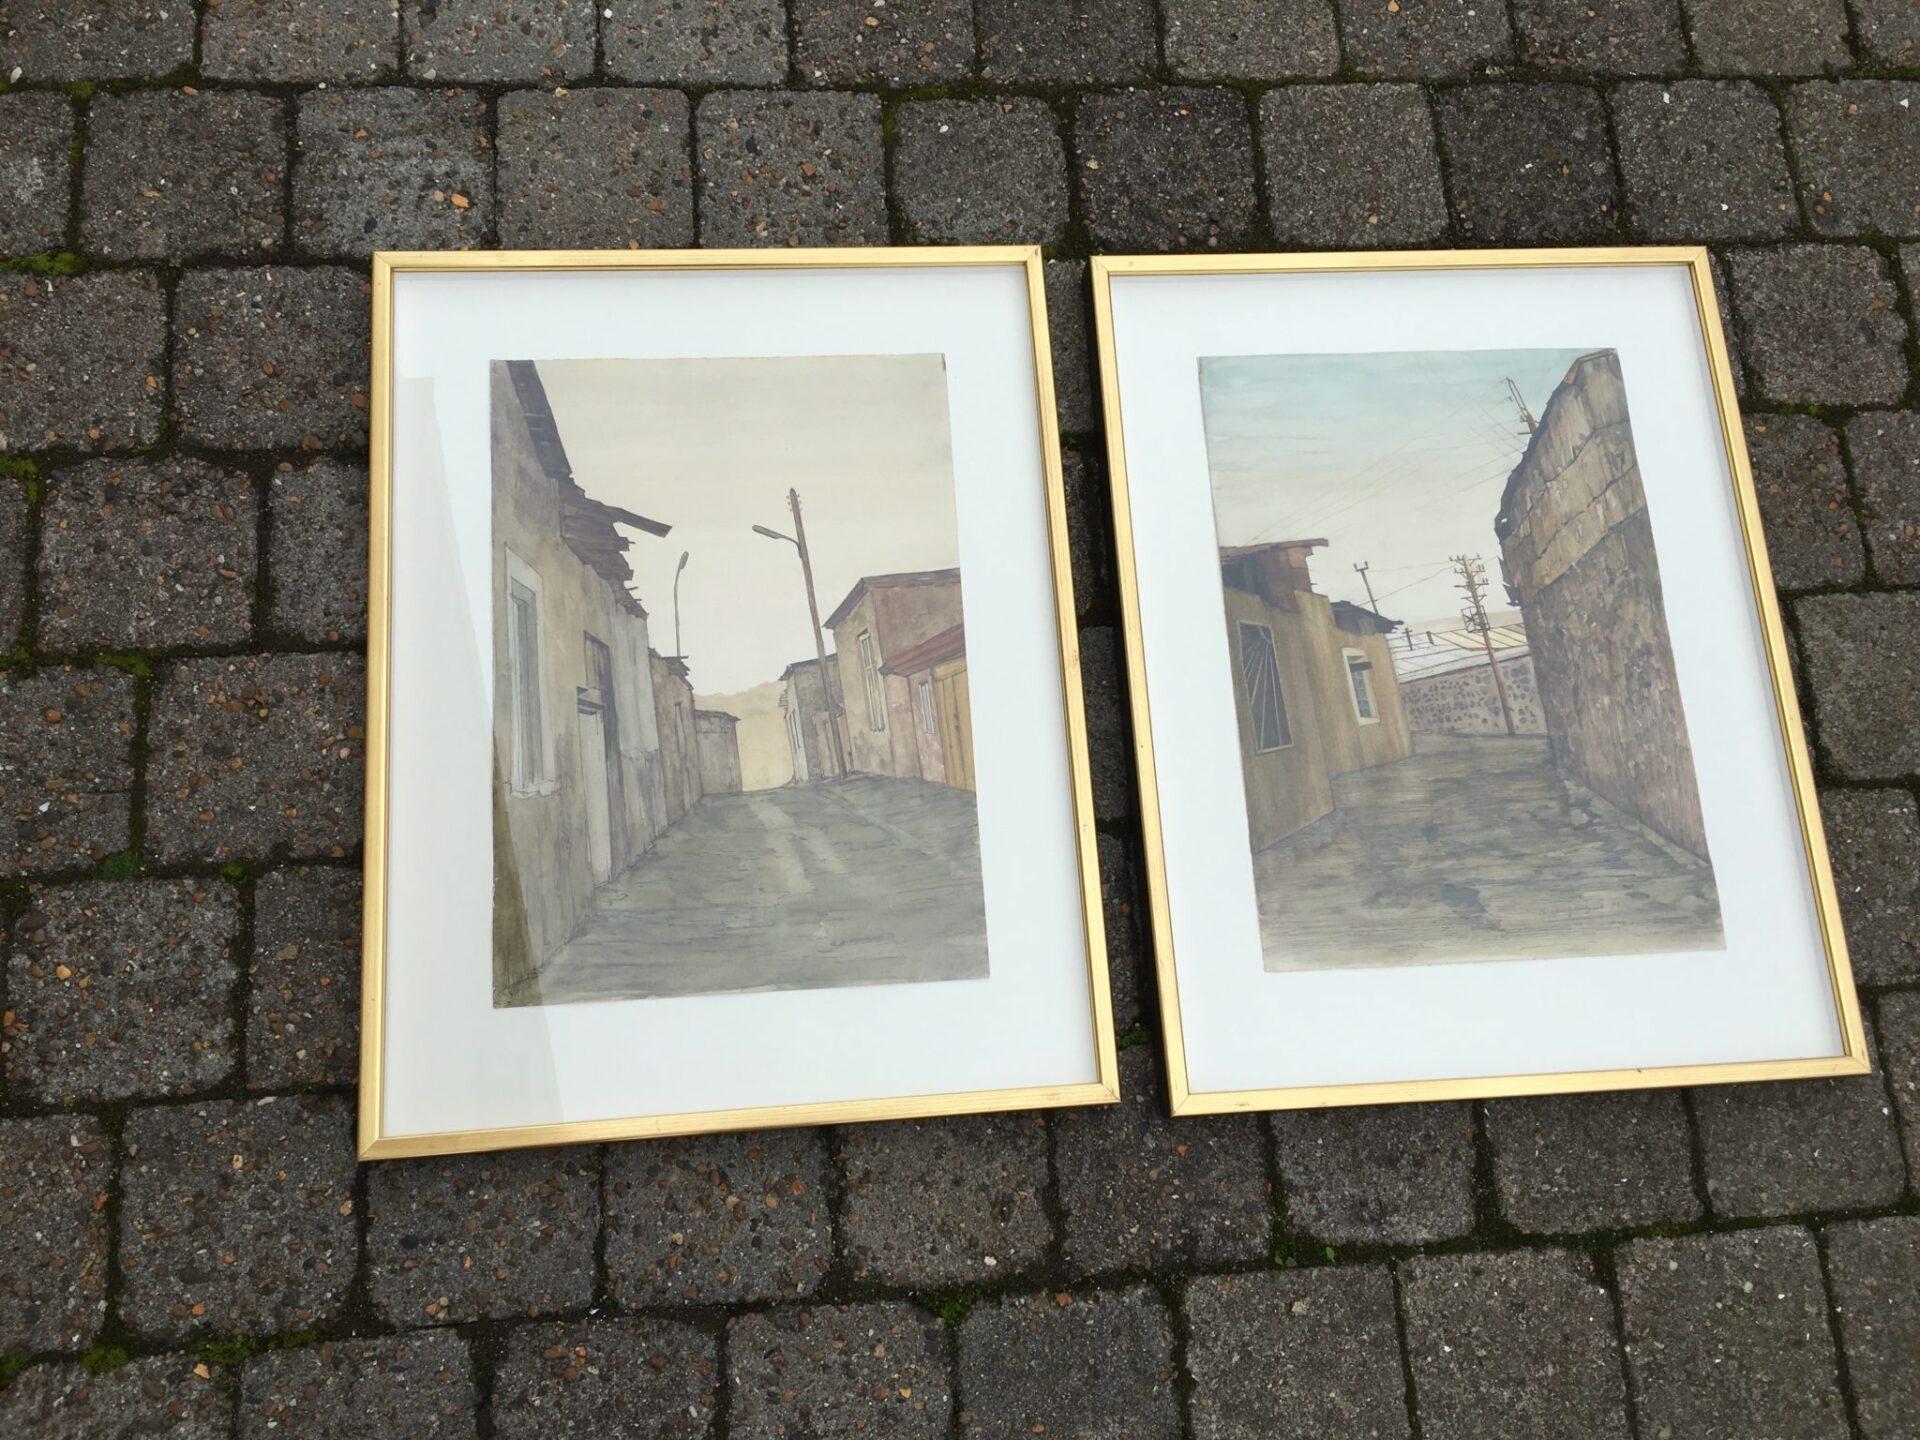 2 stk akvarel i alt 400 kr